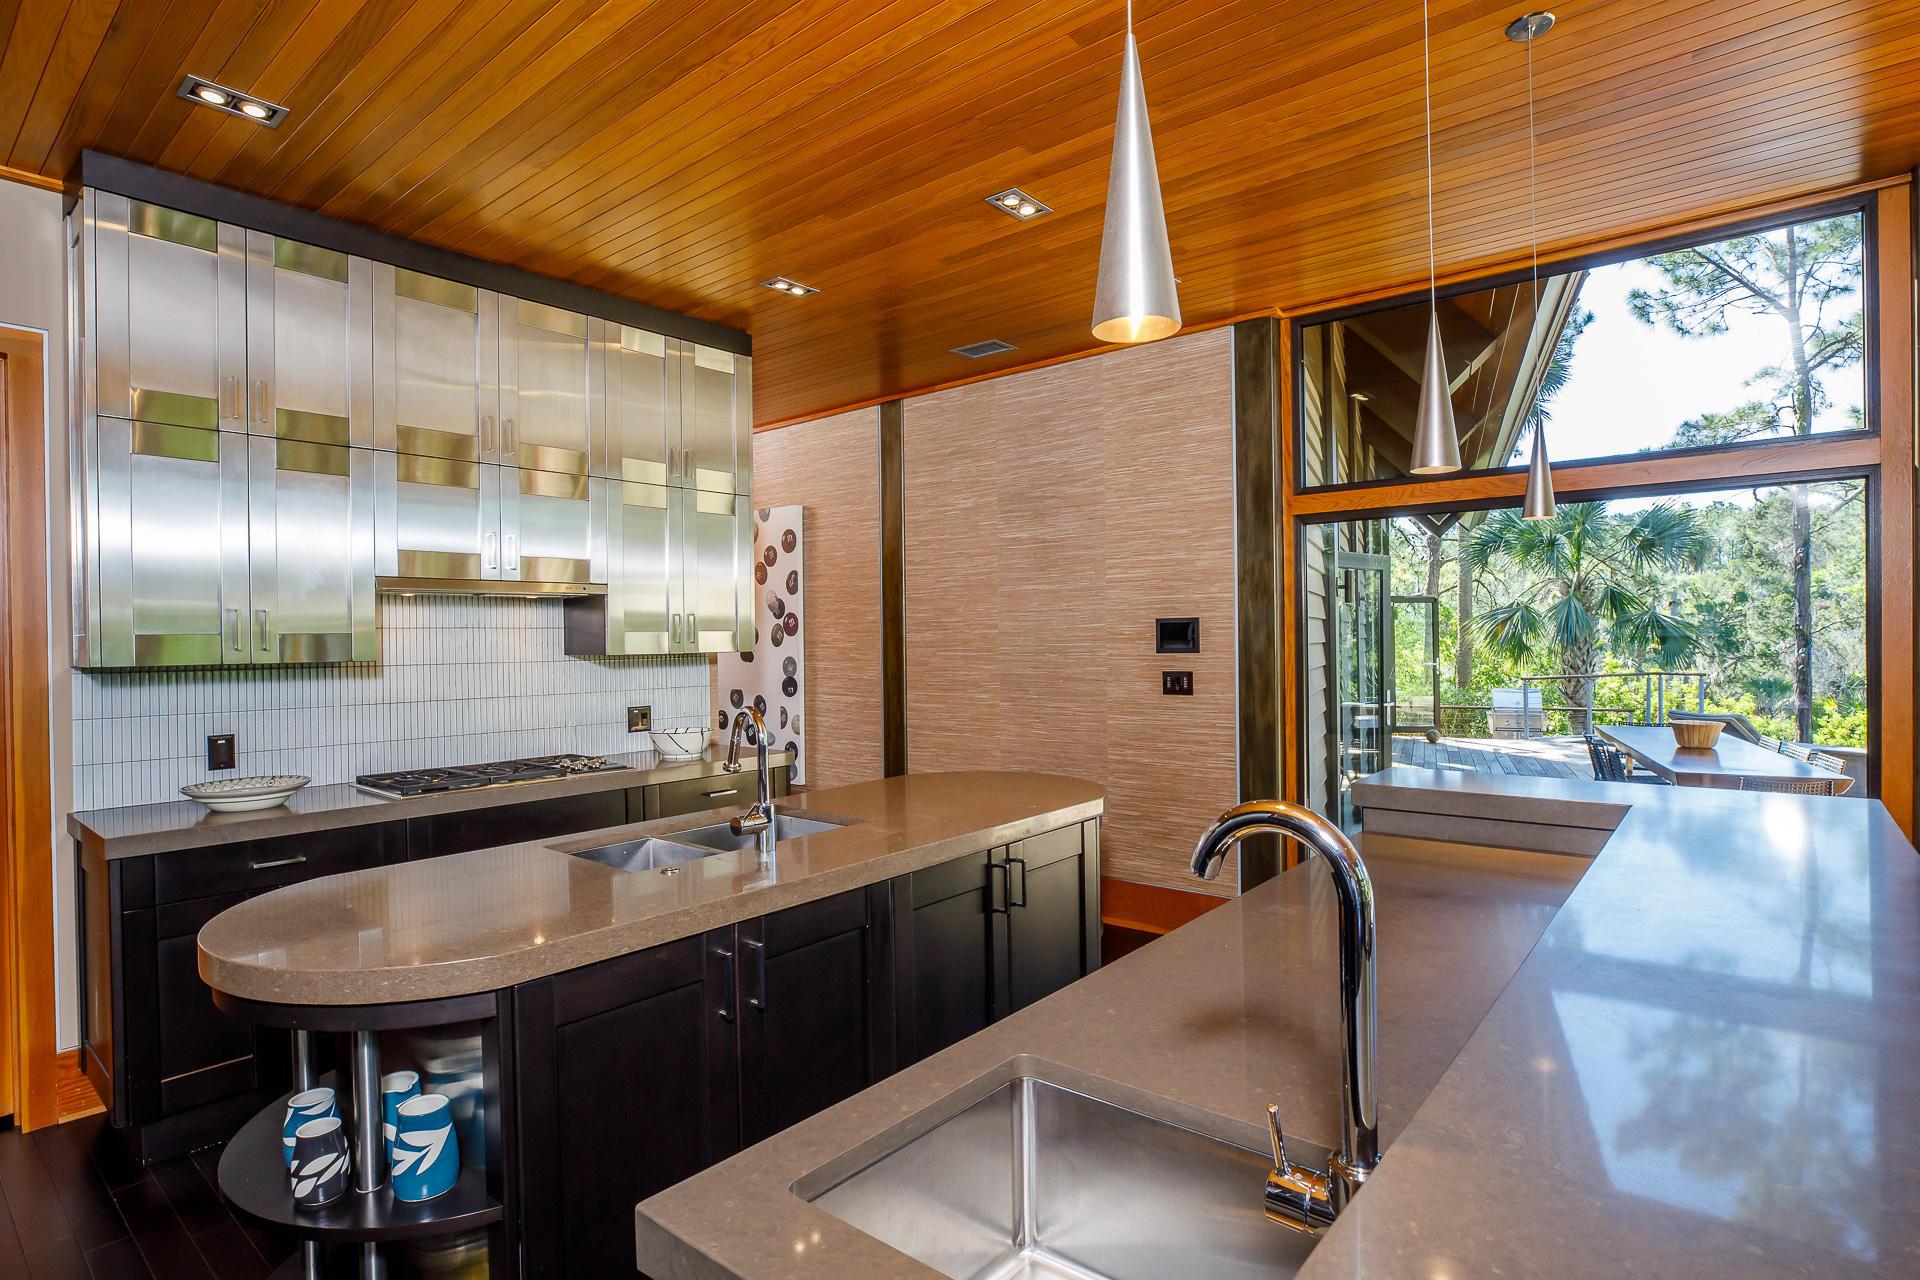 Kiawah Island Homes For Sale - 102 Blue Heron Pond, Kiawah Island, SC - 49